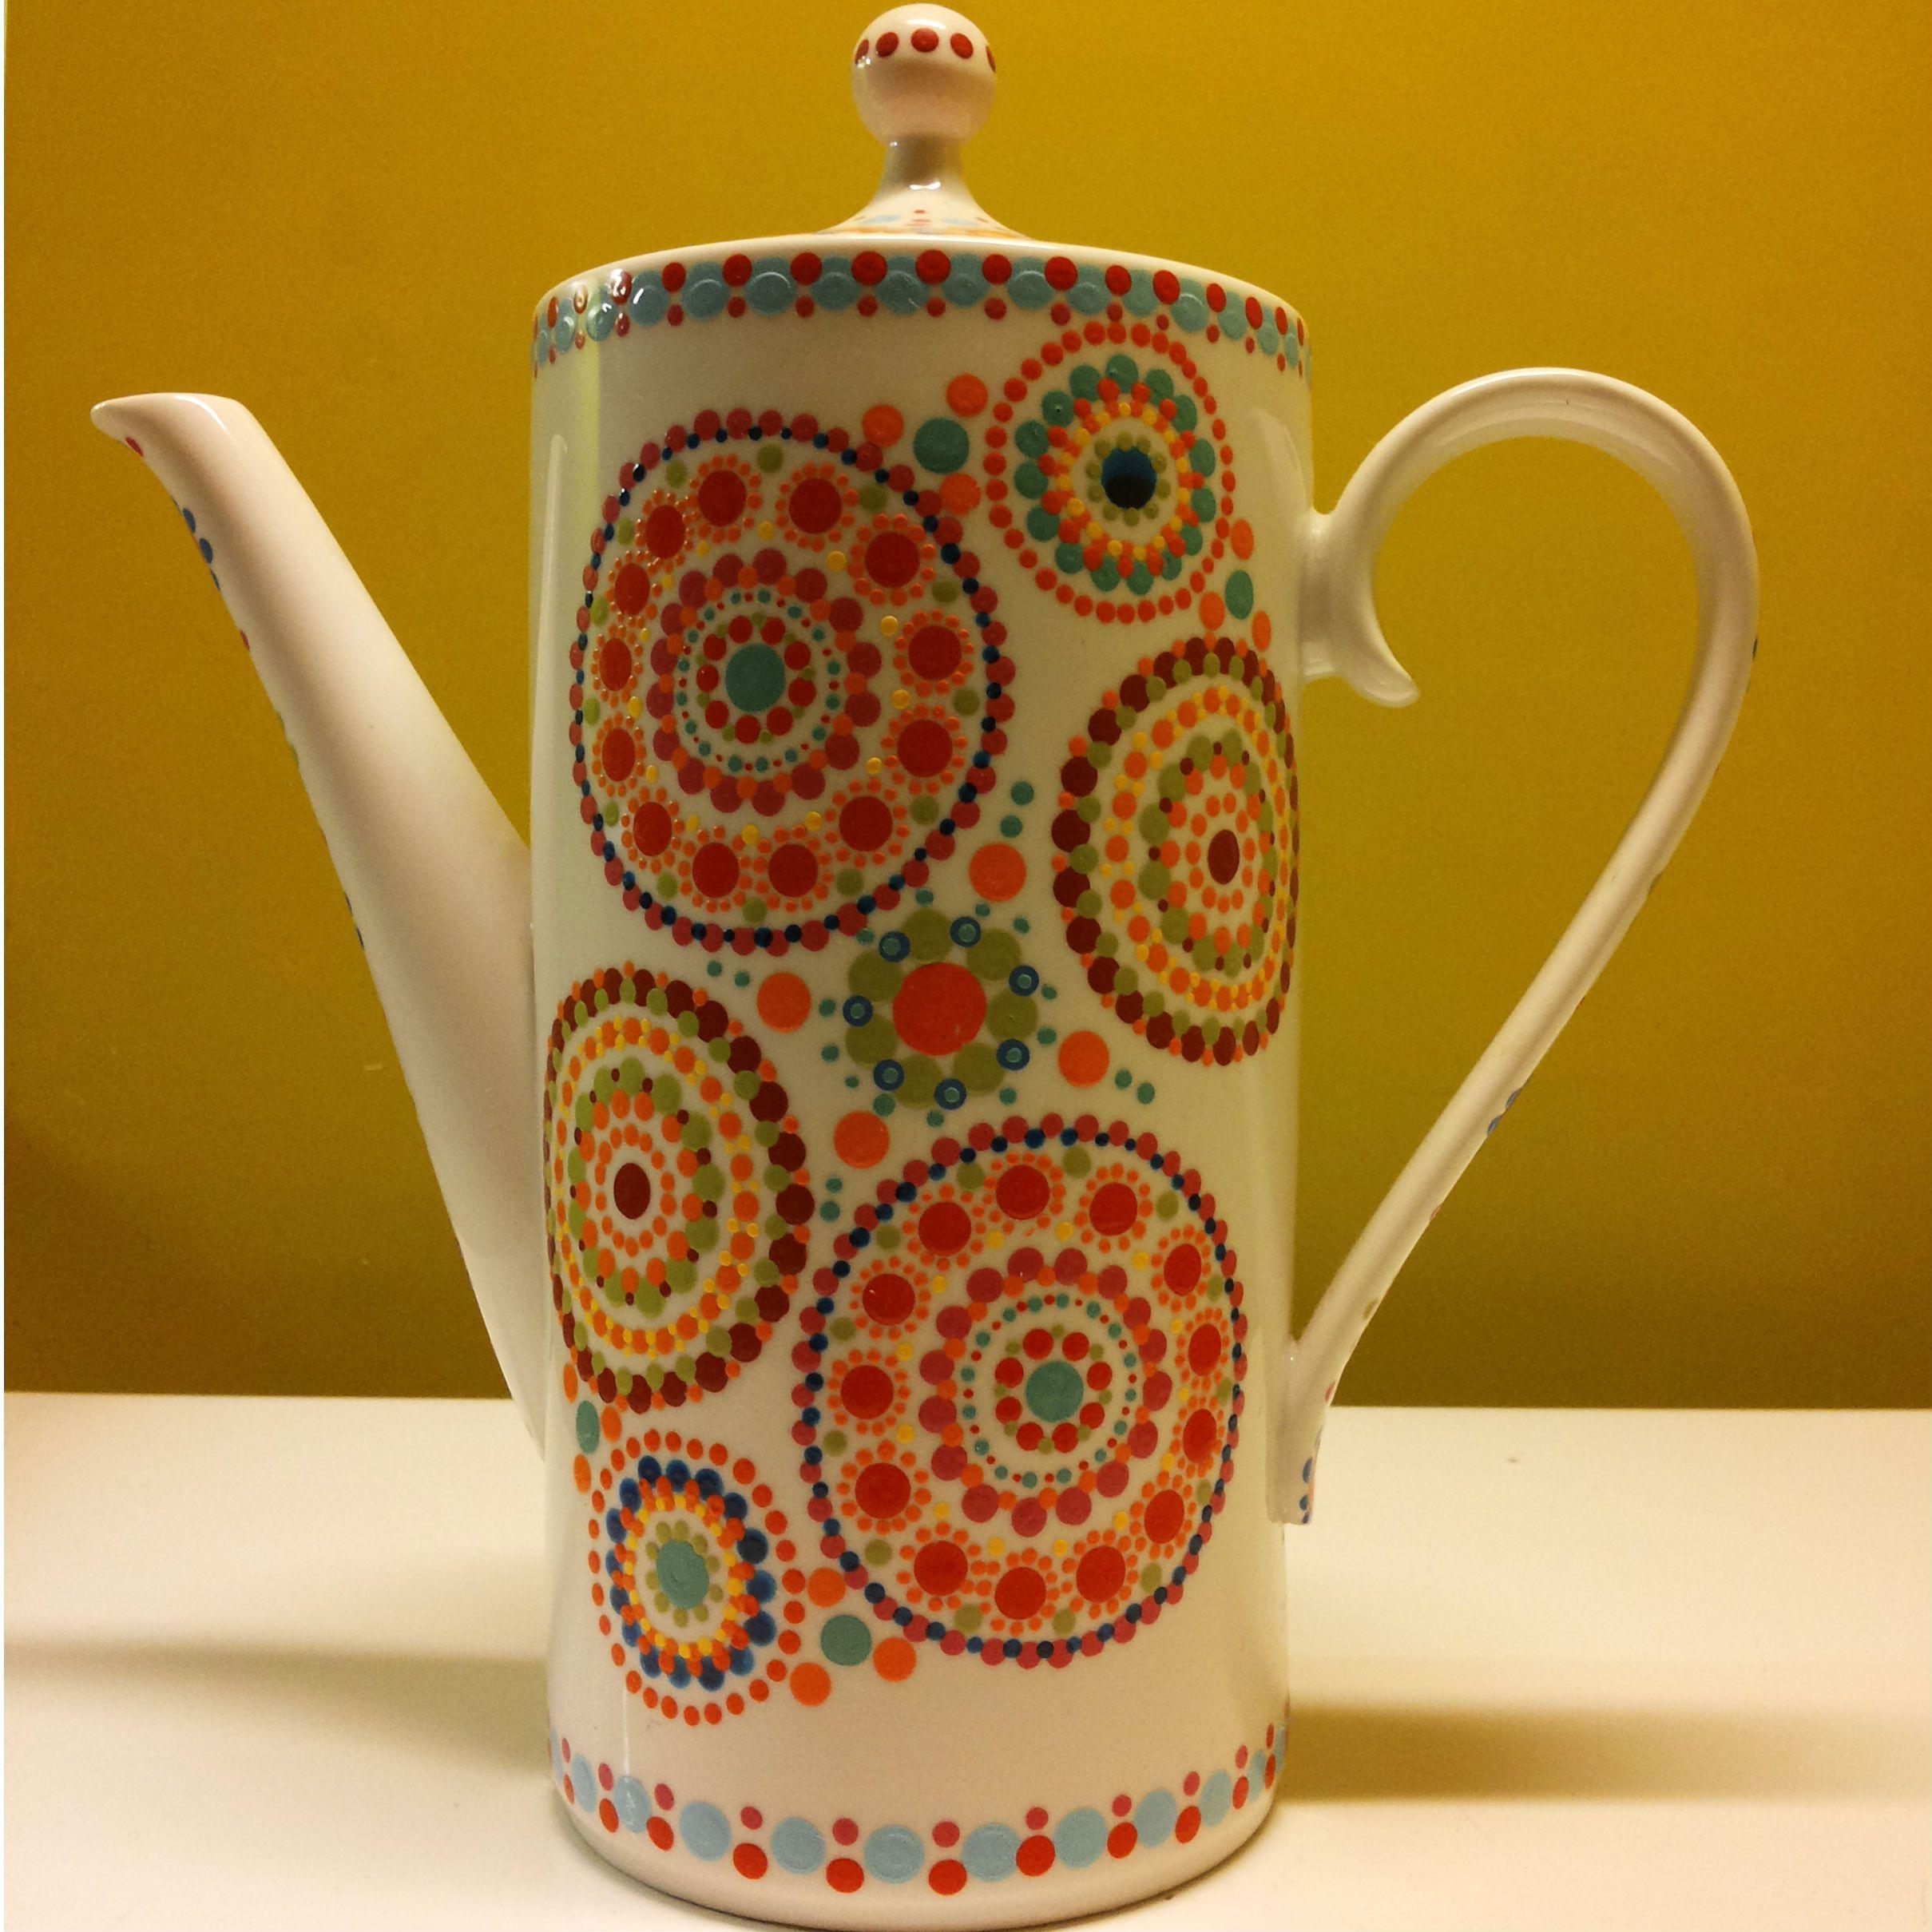 Nienke van der Zwan stipstijl@gmail.com Culemborg  Keramische schilderij, Beschilderd aardewerk